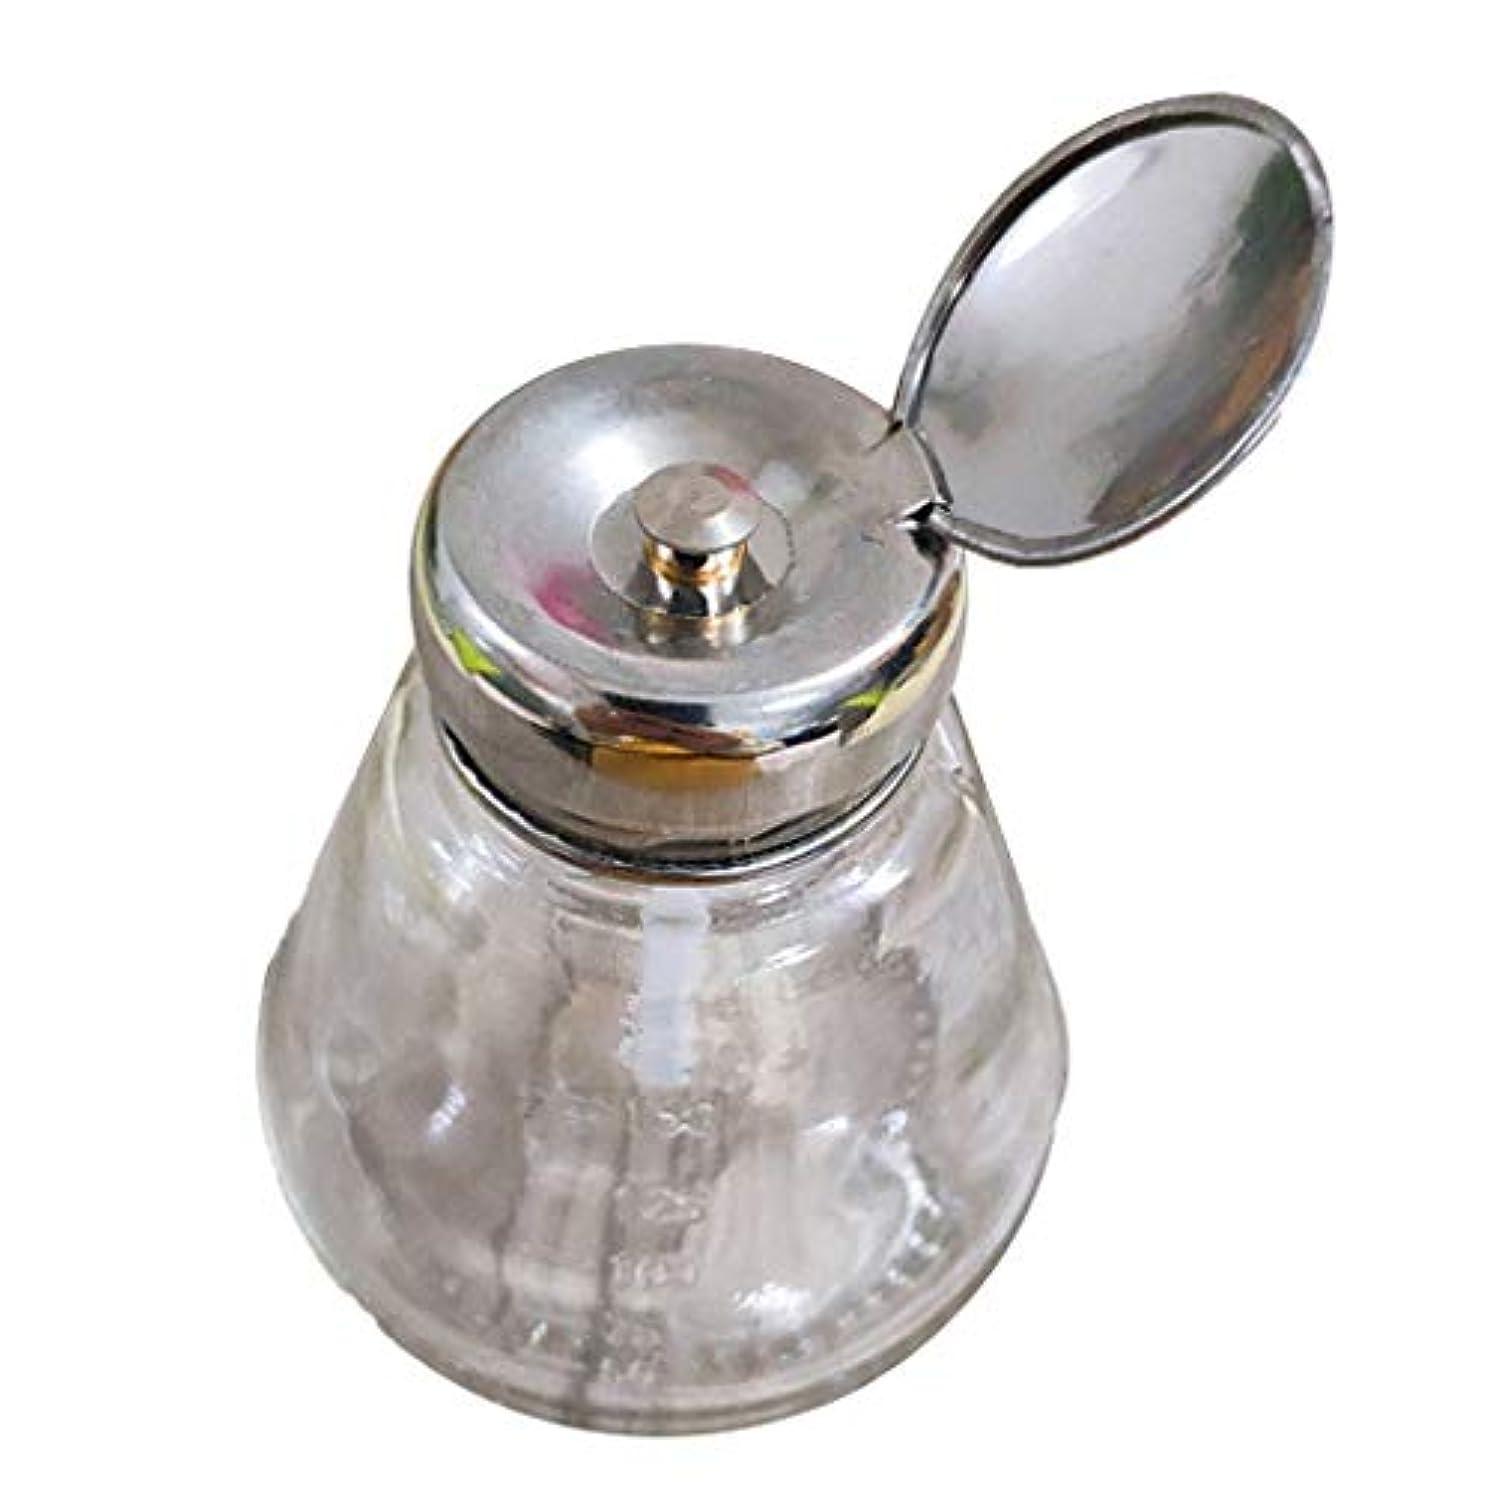 有効プラス不調和DYNWAVE 空ポンプボトル プレスボトル ネイルケア セット 約150ml ネイルケア用品 マニキュアリムー用